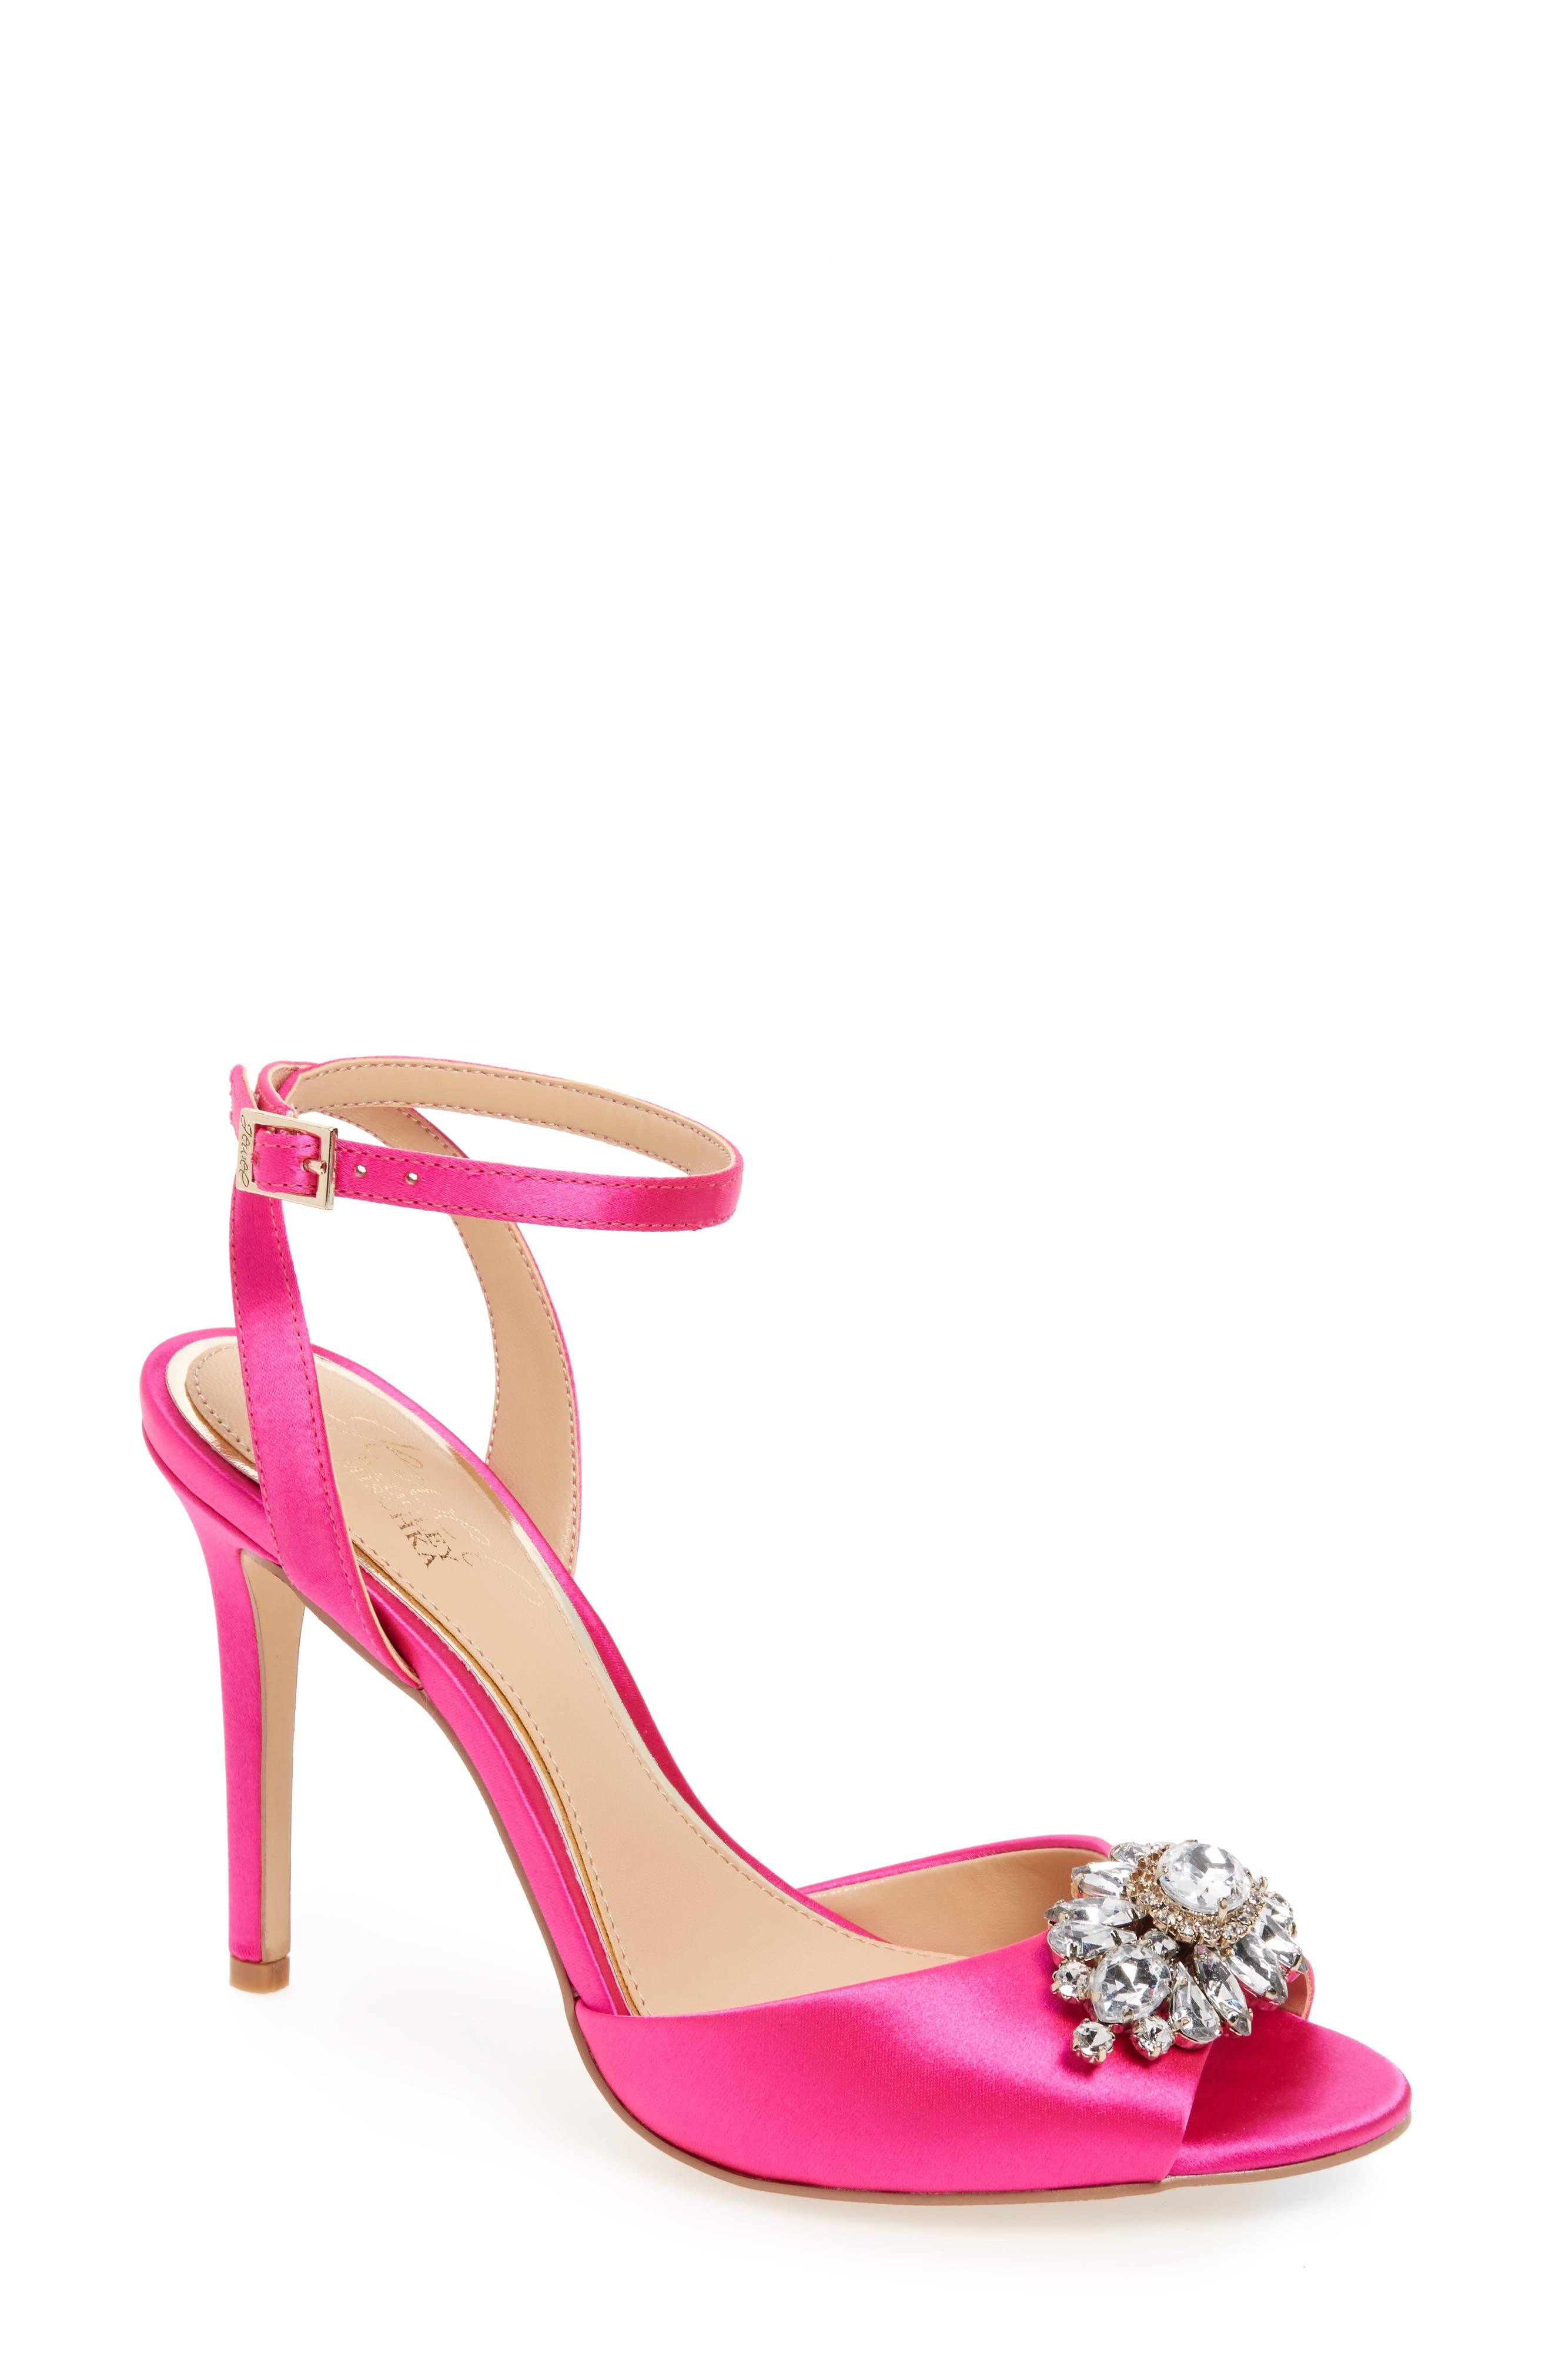 Alternate Image 1 Selected - Jewel Badgley Mischka Hayden Embellished Ankle Strap Sandal (Women)